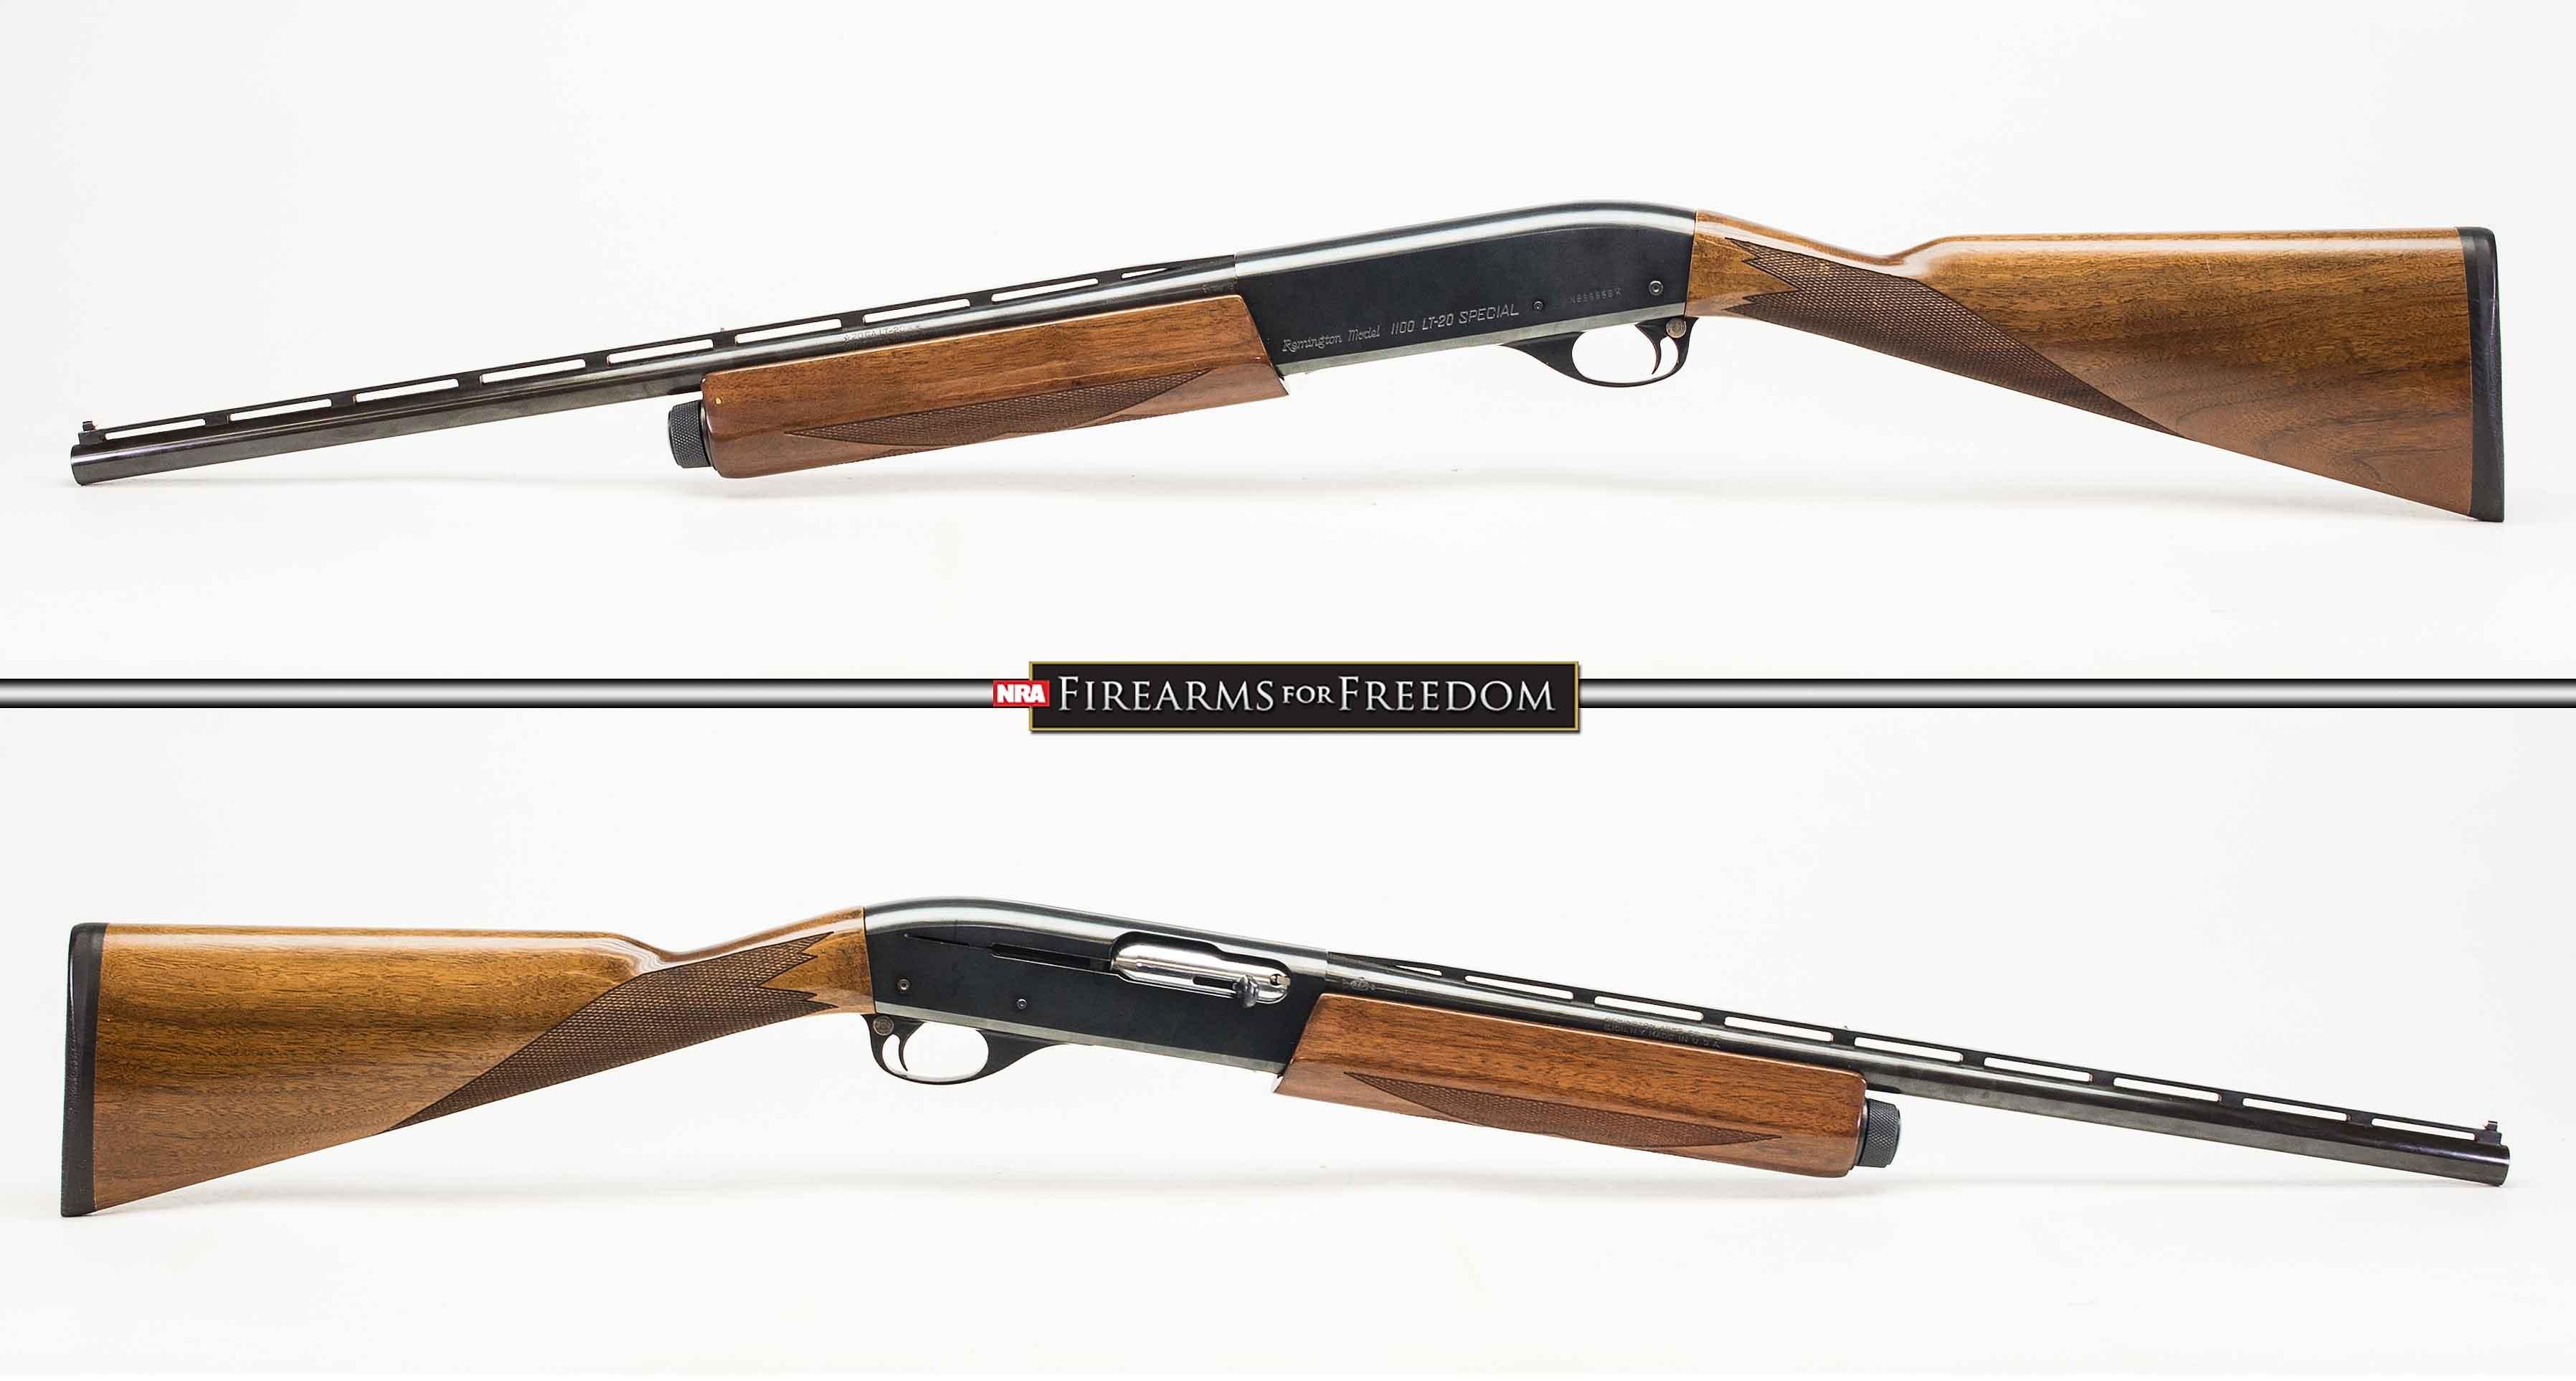 REMINGTON MODEL 1100 LT-20 [20GA] (Auction ID: 12884283, End